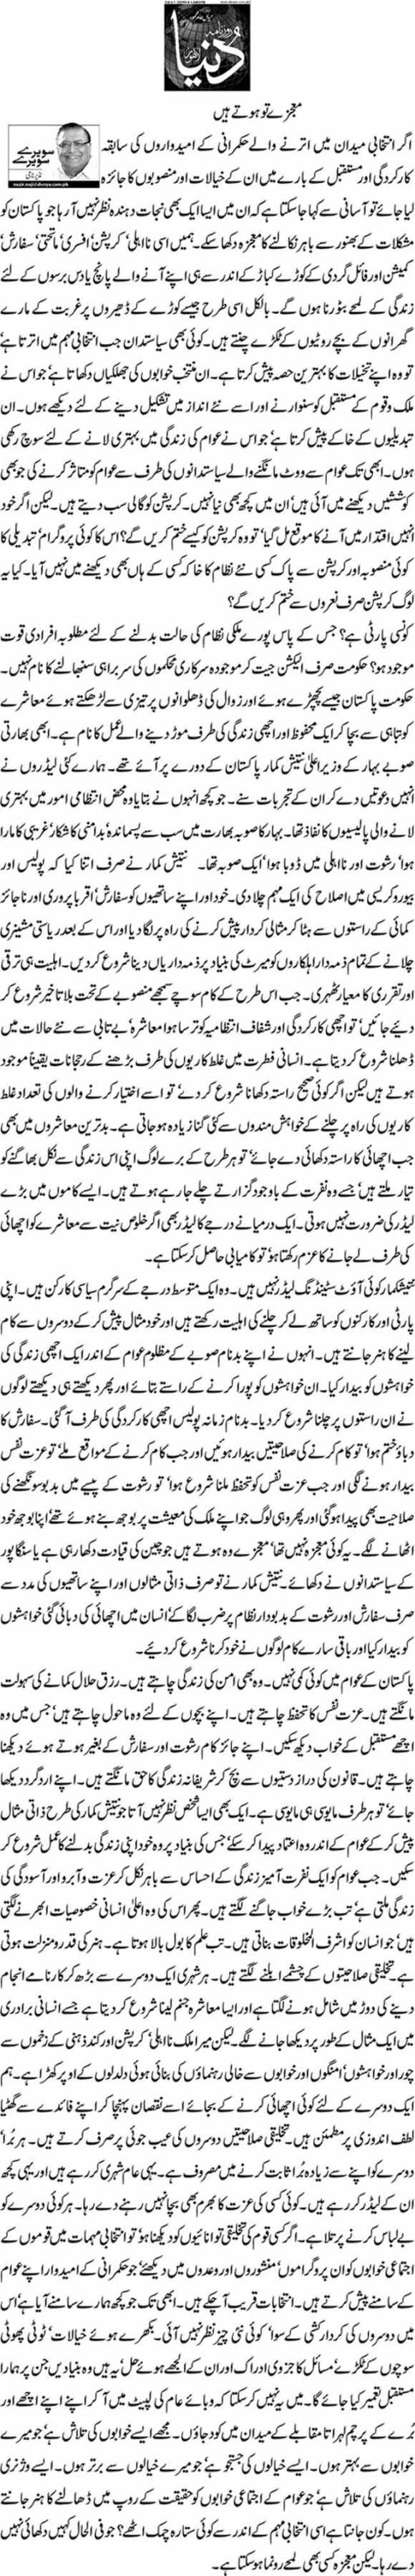 Mujazay to hotay hain - Nazeer Naji